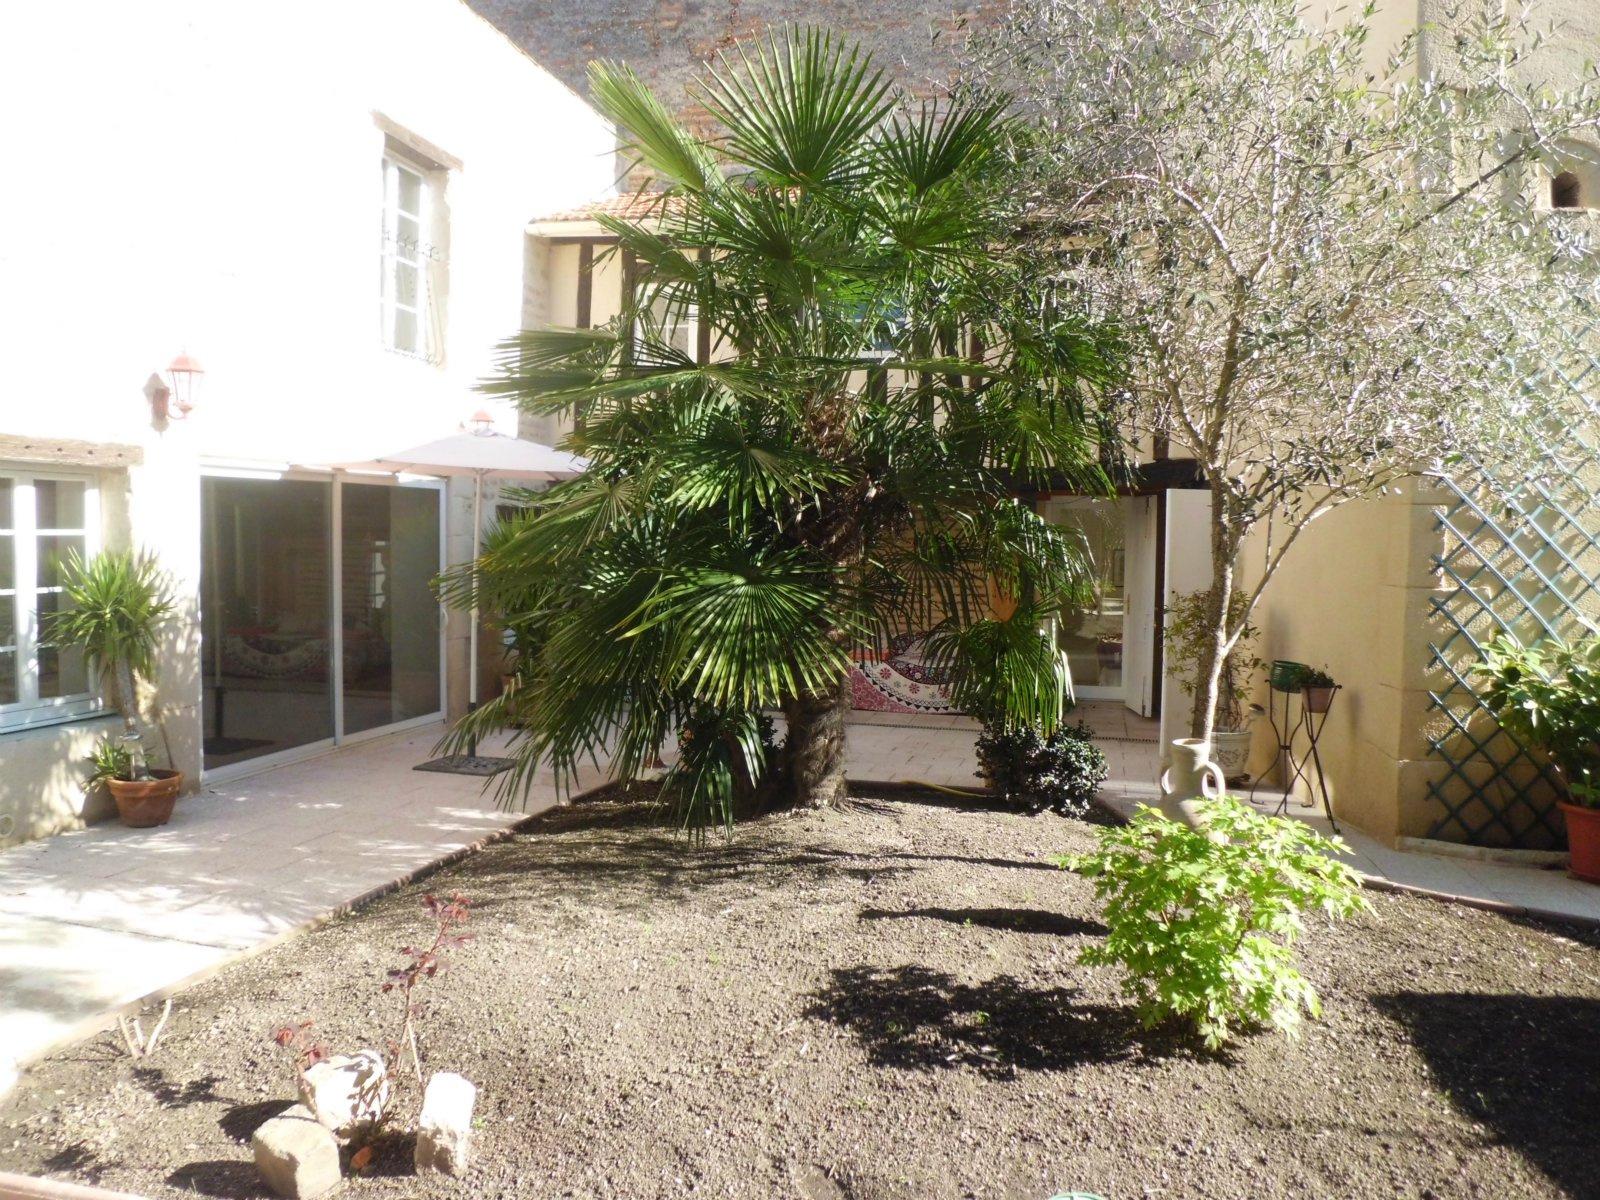 Vente centre ville marmande hotel particulier avec jardin for Jardin de particuliers a visiter